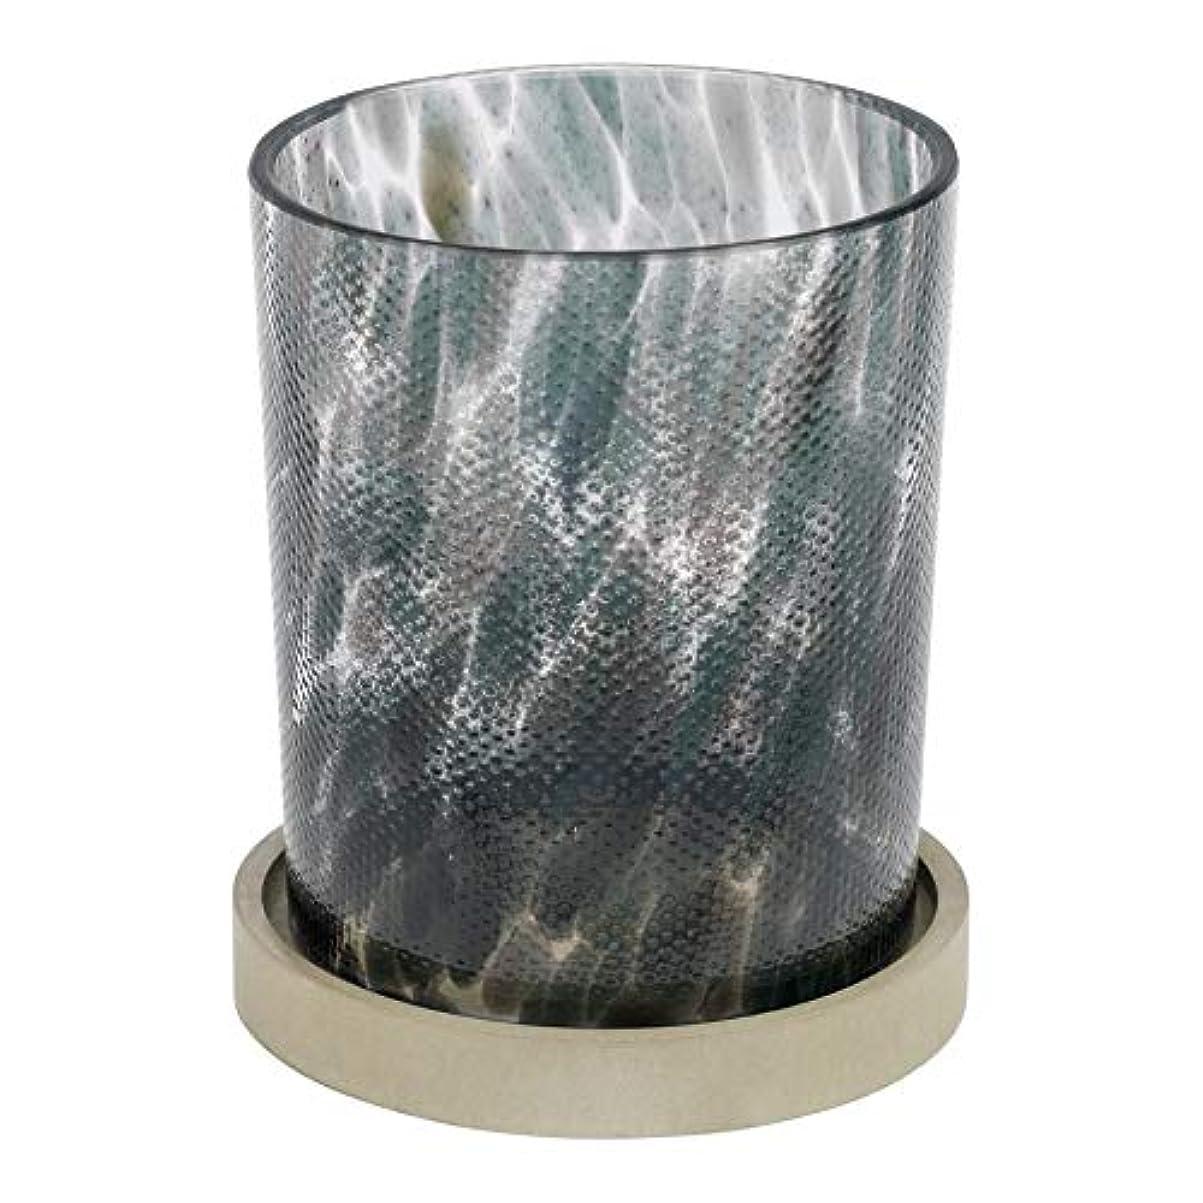 確執花弁テニス[Diptyque] Diptyque黒ラBazareデュTrente-キャトルキャンドルホルダー - Diptyque Black La Bazare du Trente-Quatre Candle Holder [並行輸入品]